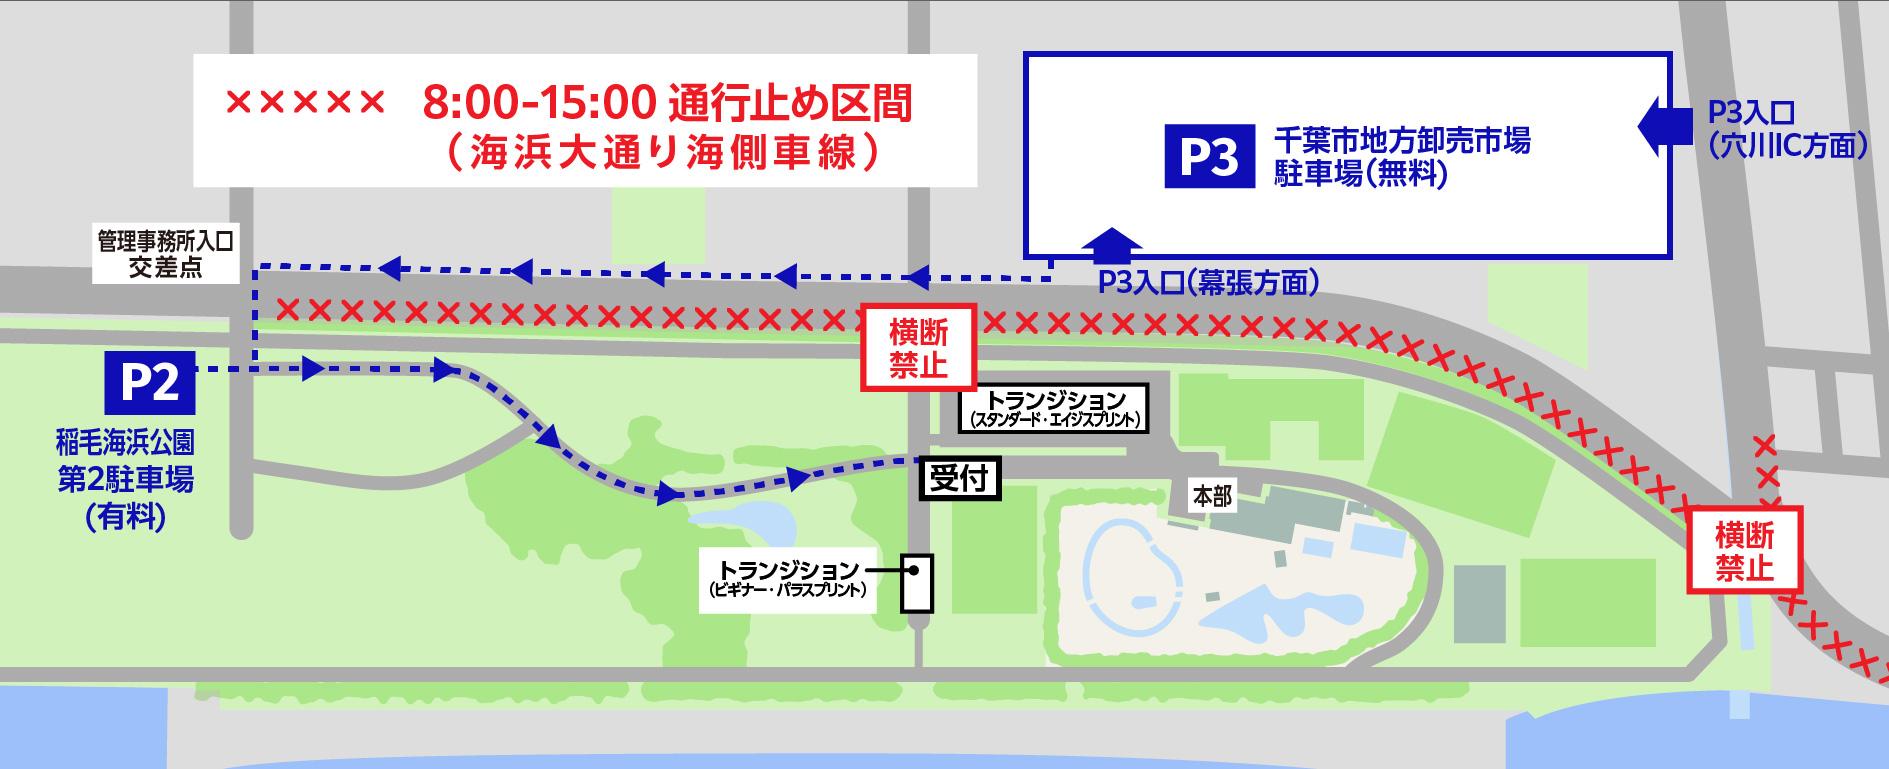 交通規制区間と駐車場~受付までのアクセス